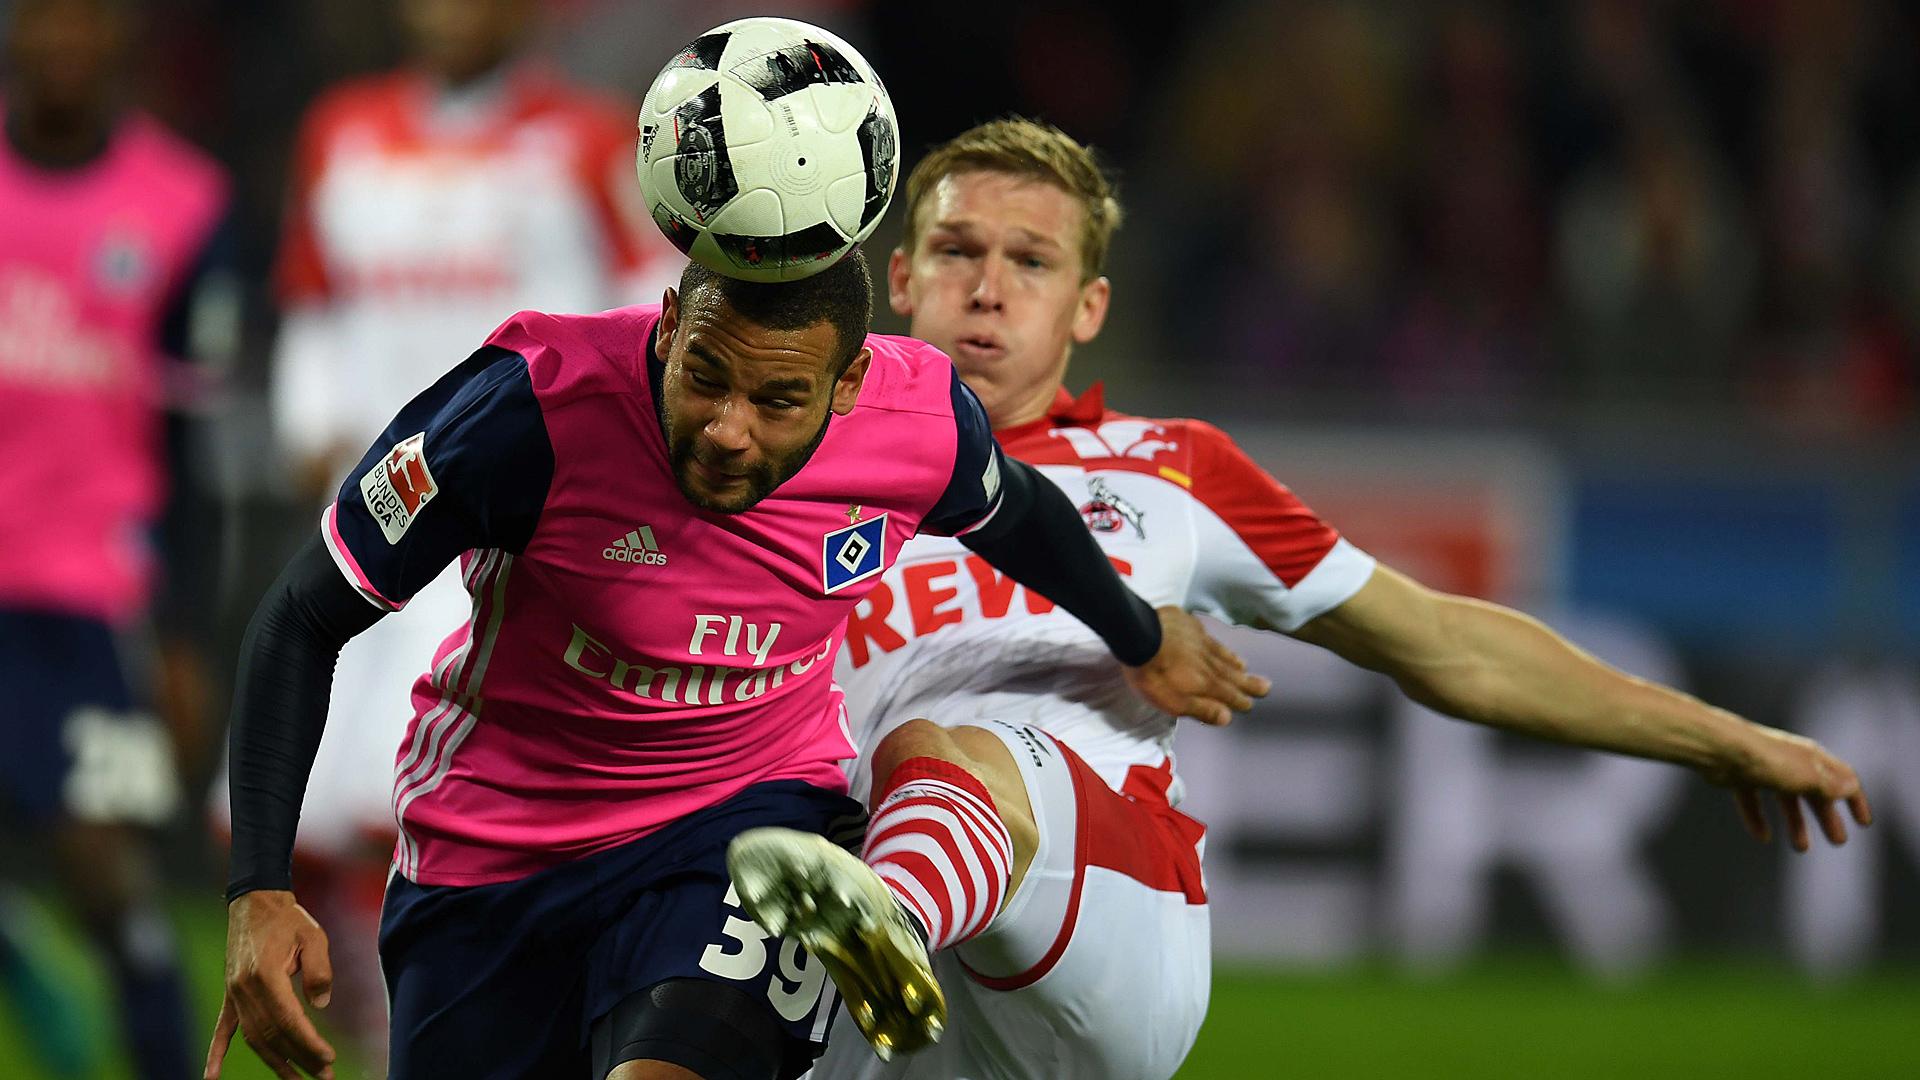 Hamburger SV 1. FC Köln Bundesliga 10292016